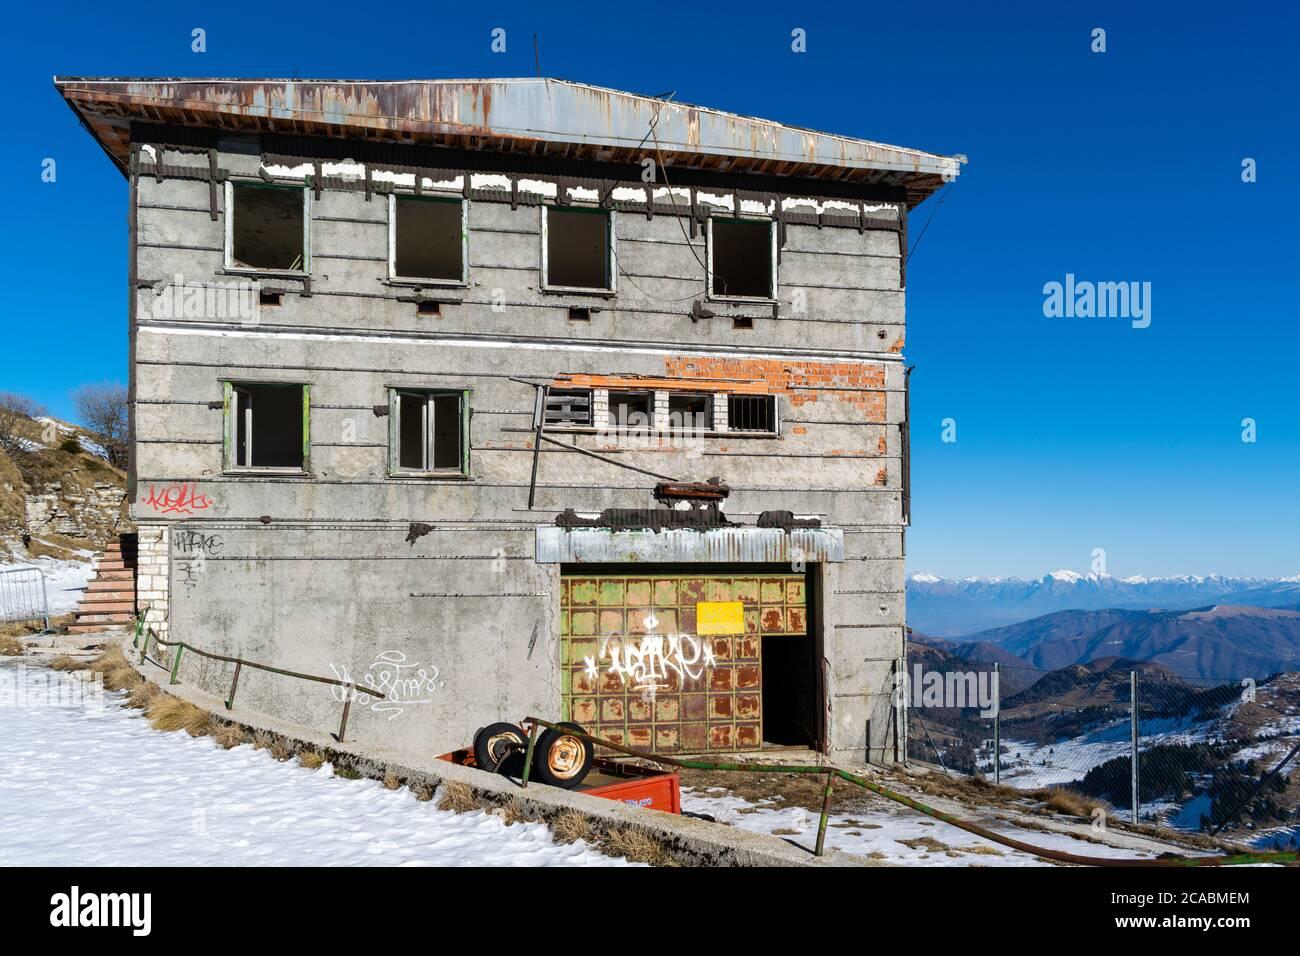 Vista general del edificio abandonado. Edificio abandonado situado en Monte Grappa (Veneto, Italia), escenario de enfrentamientos decisivos durante la primera Guerra Mundial Foto de stock